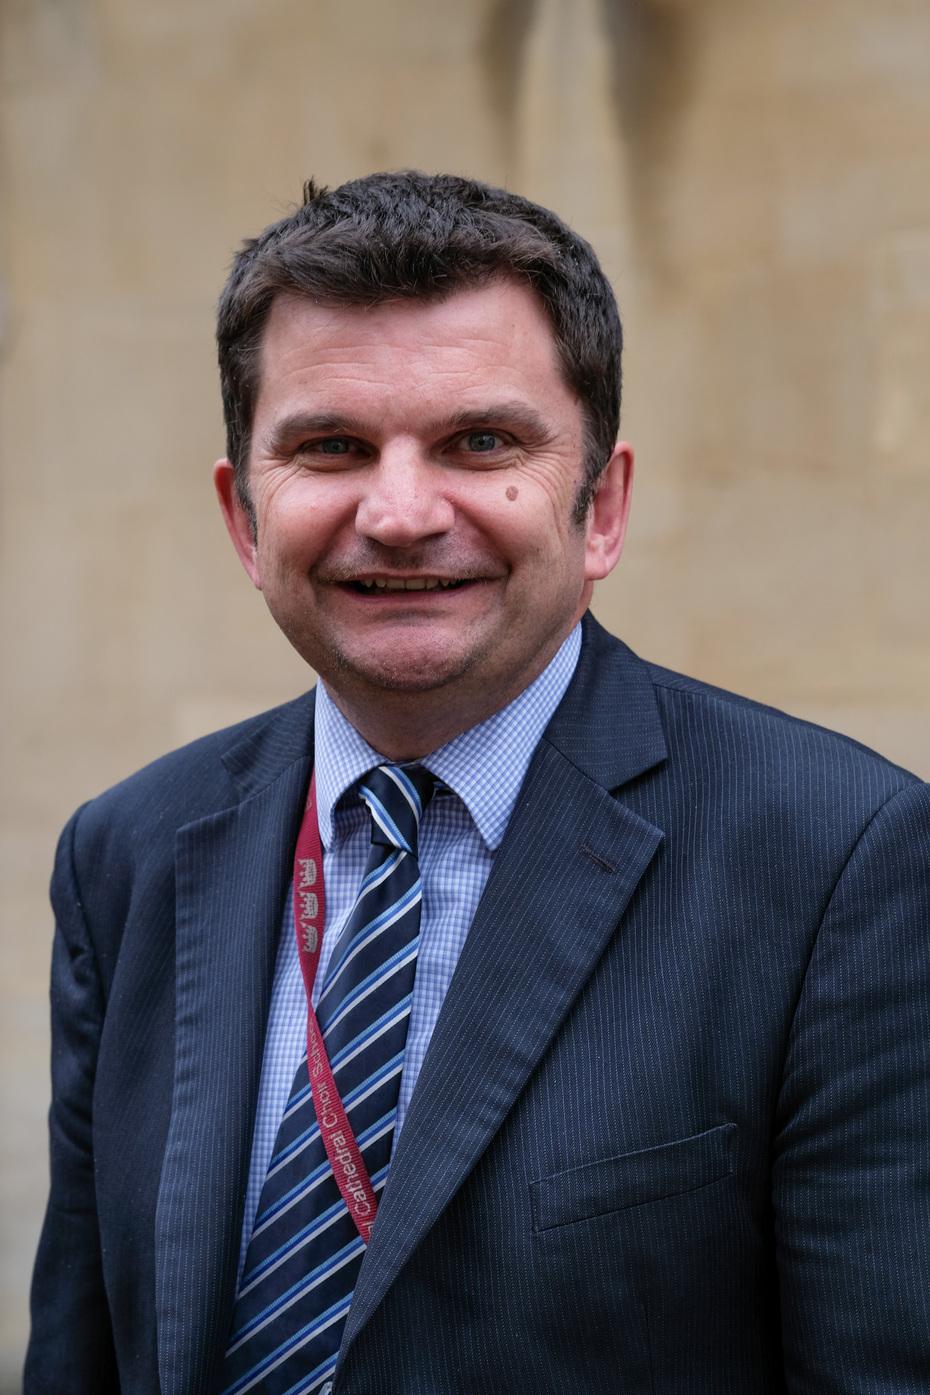 Martyn Gunn